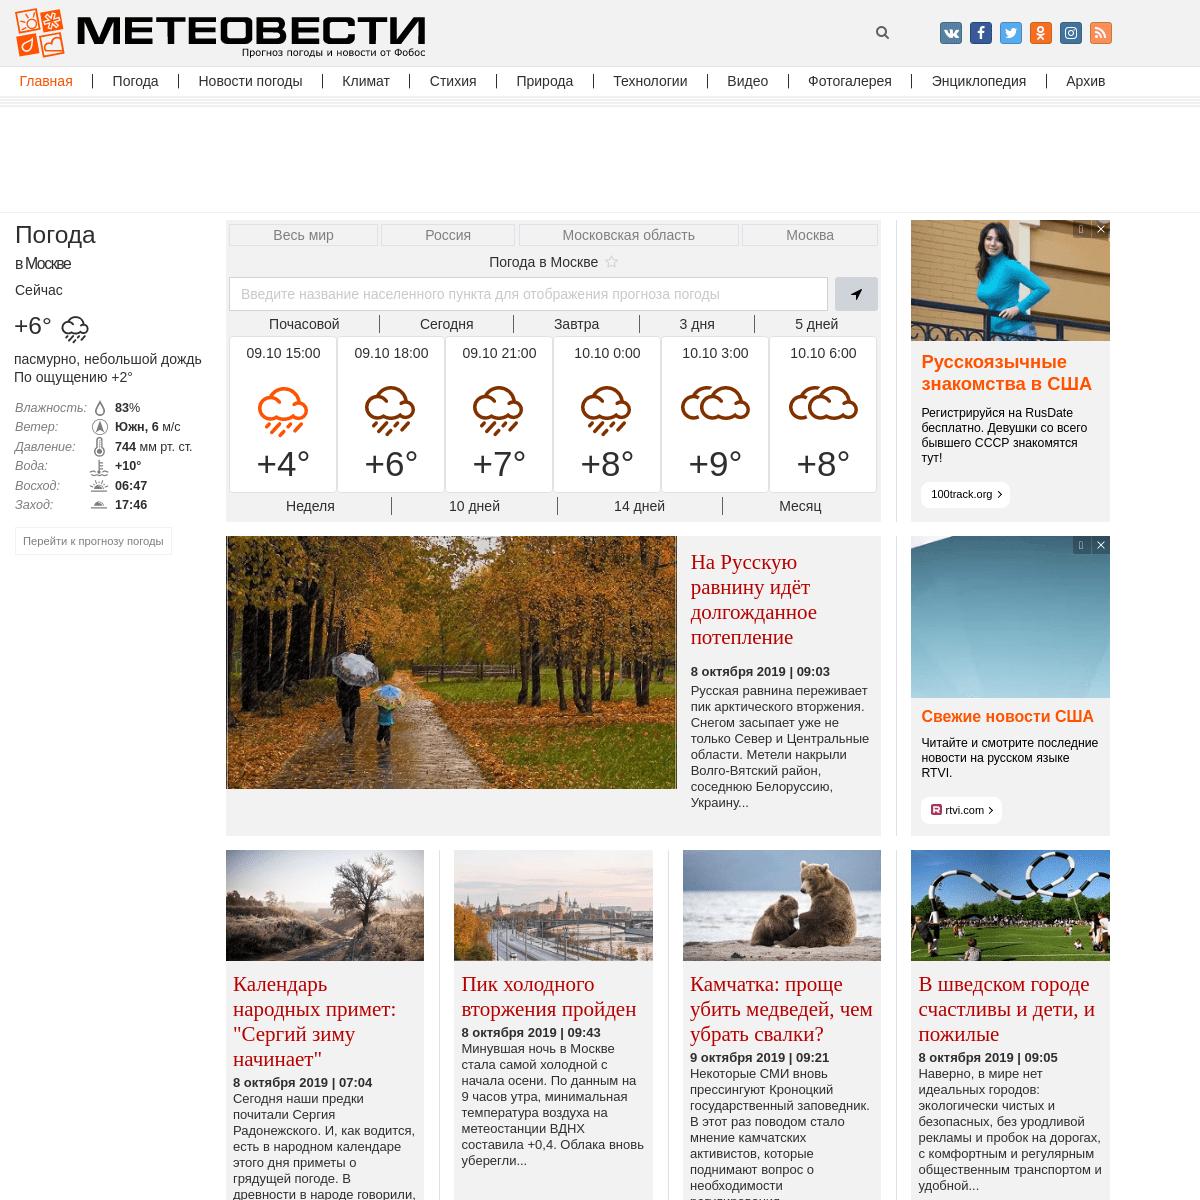 МЕТЕОВЕСТИ - прогноз погоды и новости о погоде от ФОБОС